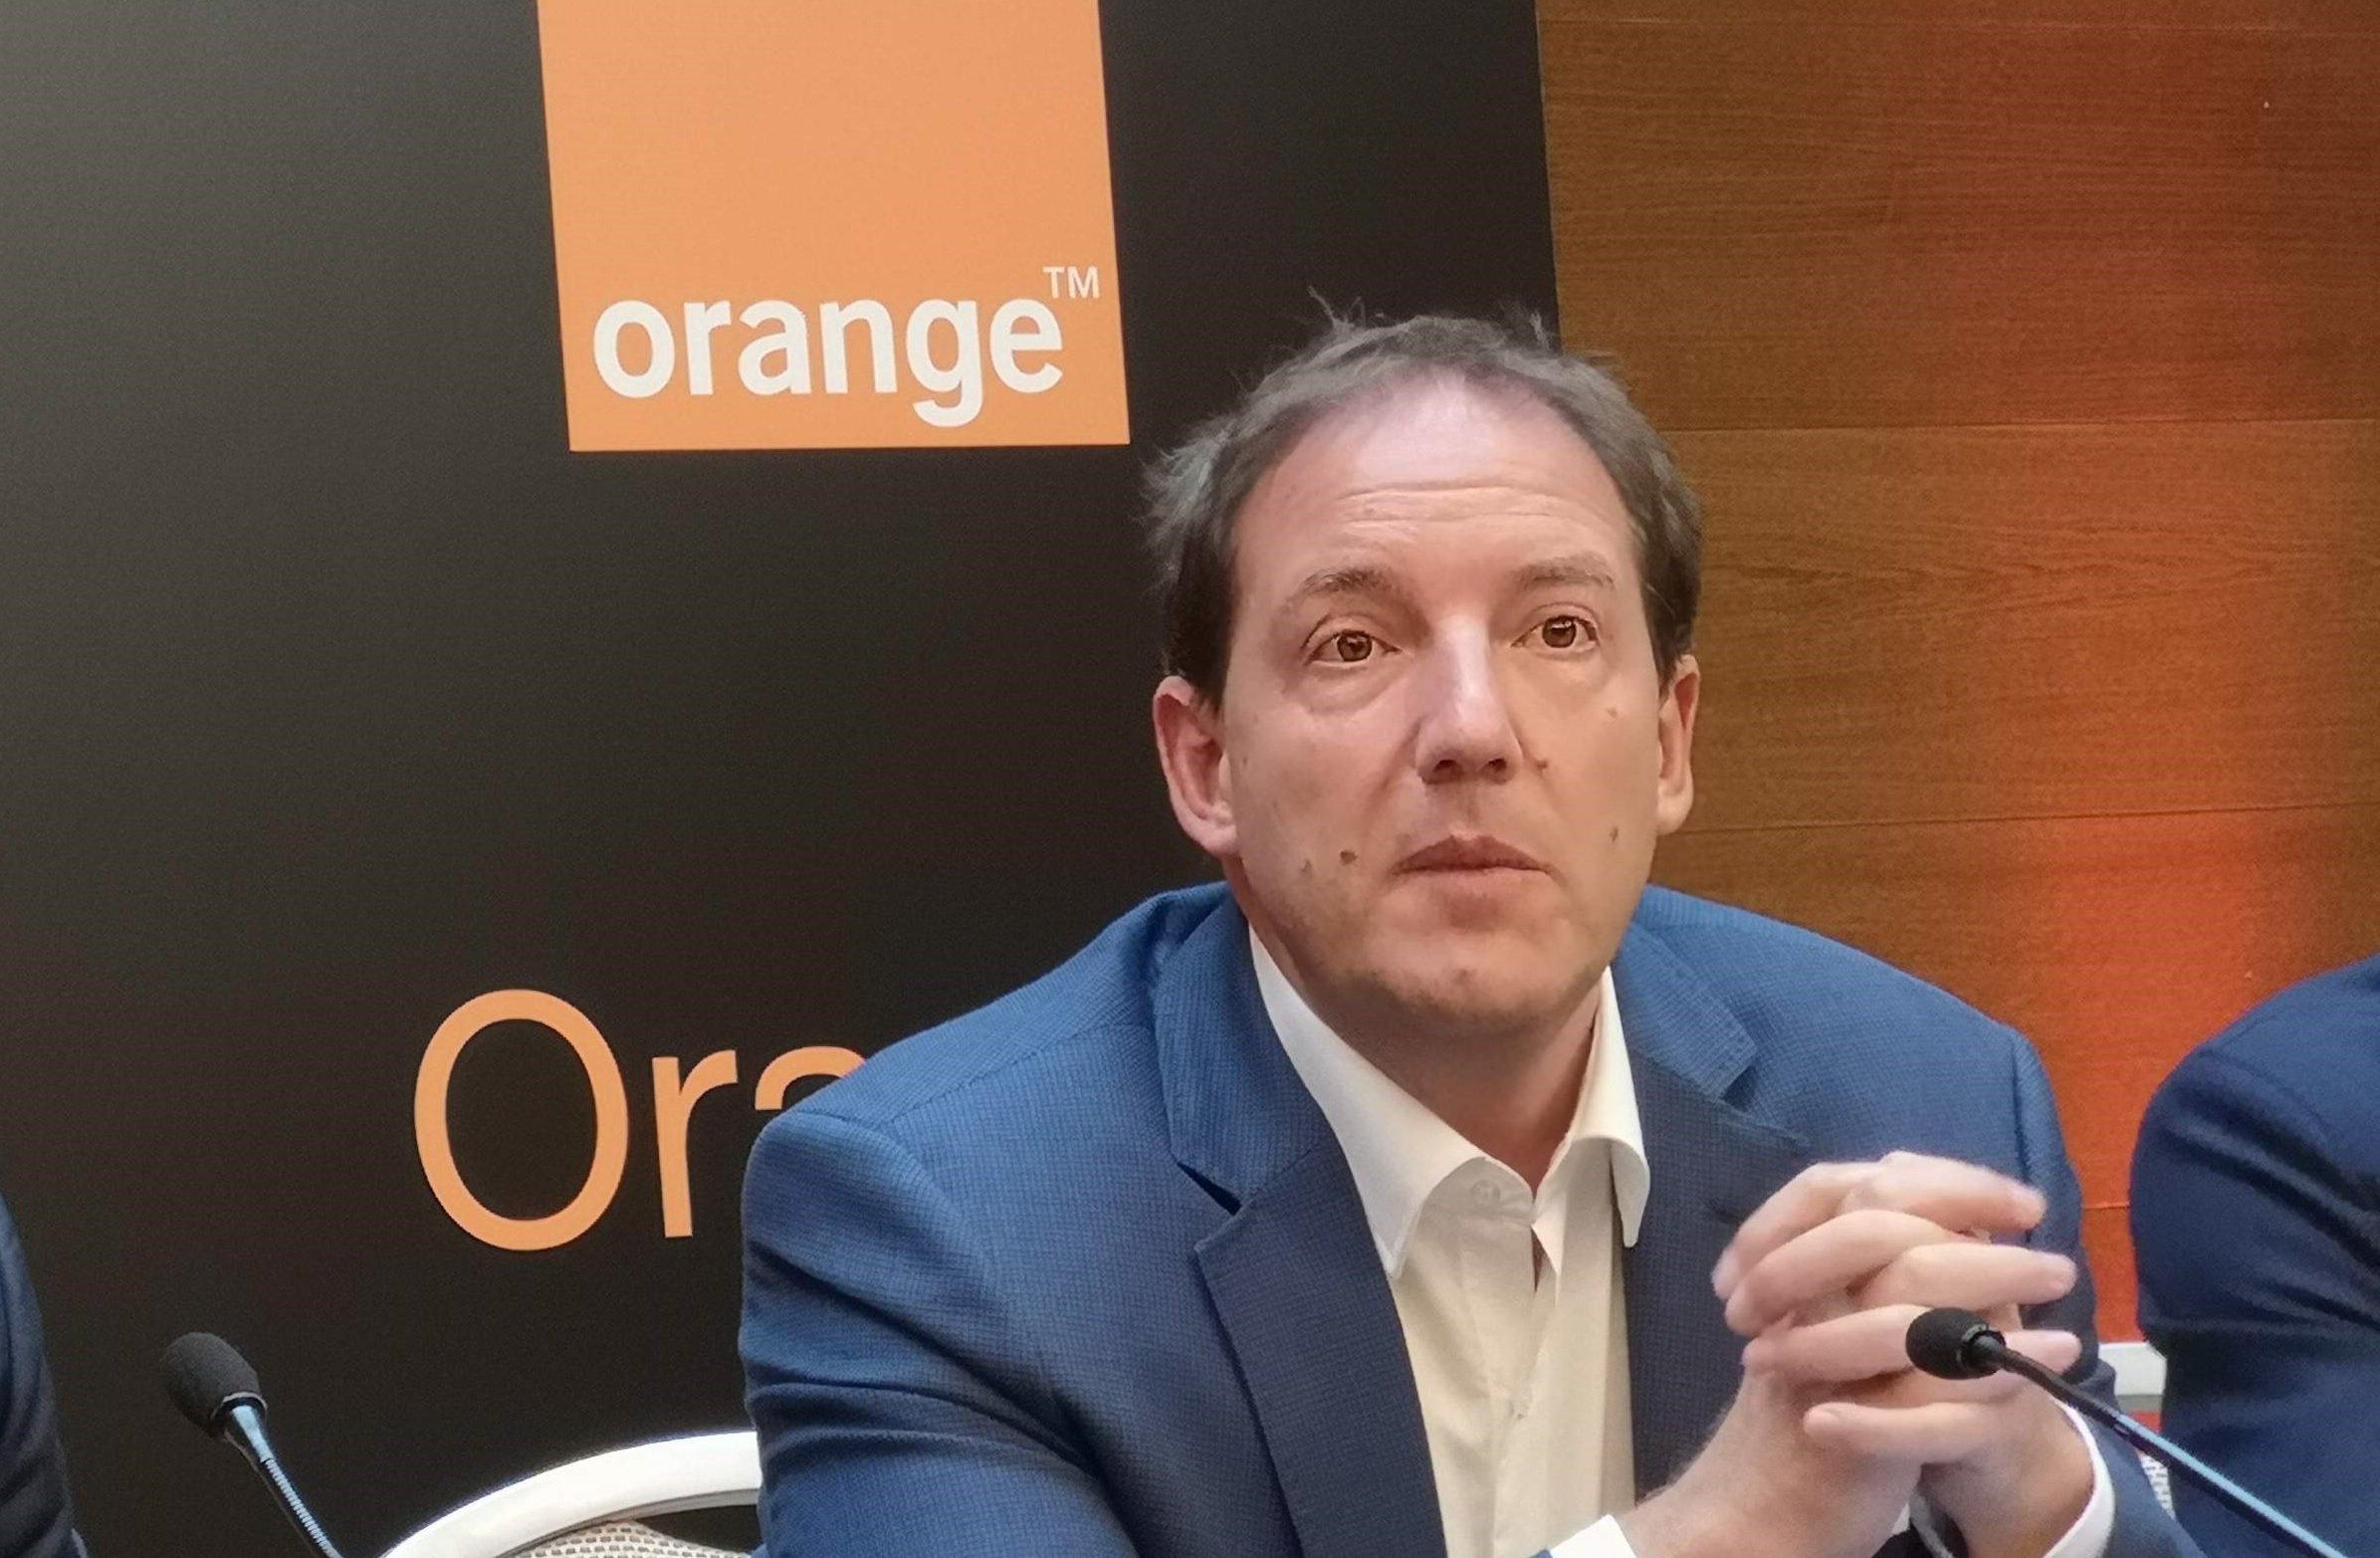 Laurent Paillassot ha convertido la filial española de Orange en un problema